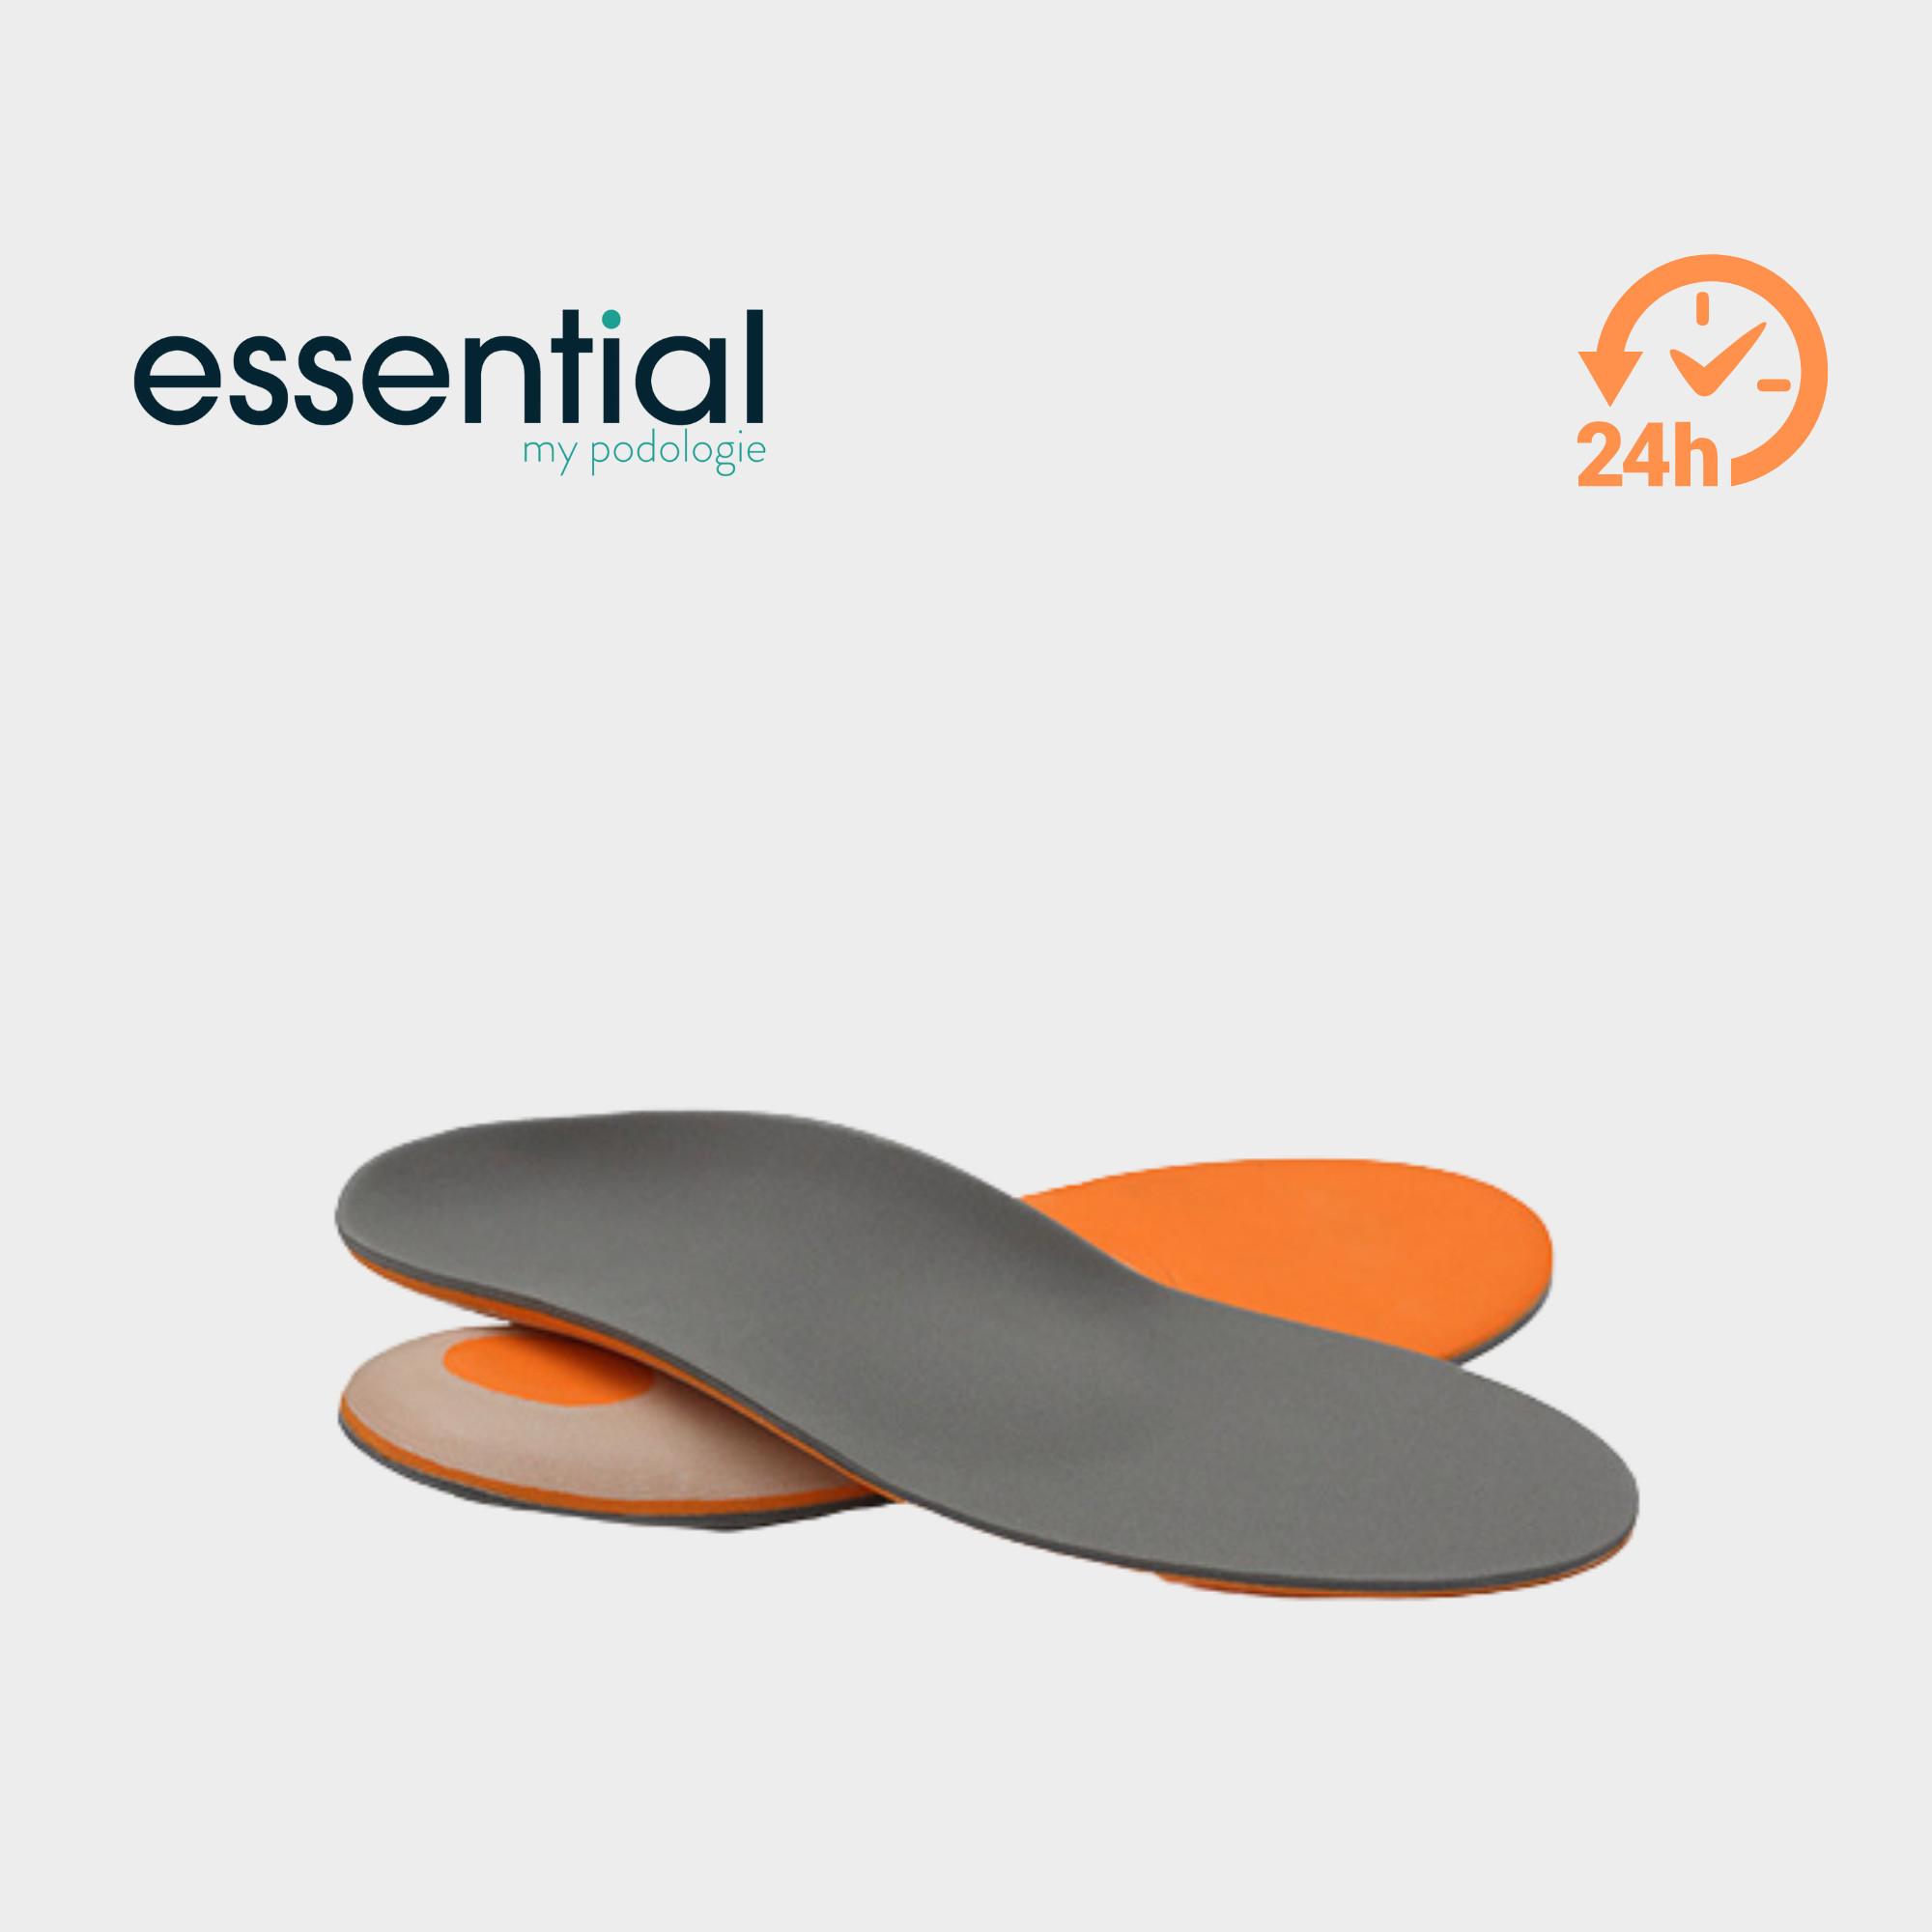 Métatarsalgie Volume - Express 24h - Essential by My Podologie